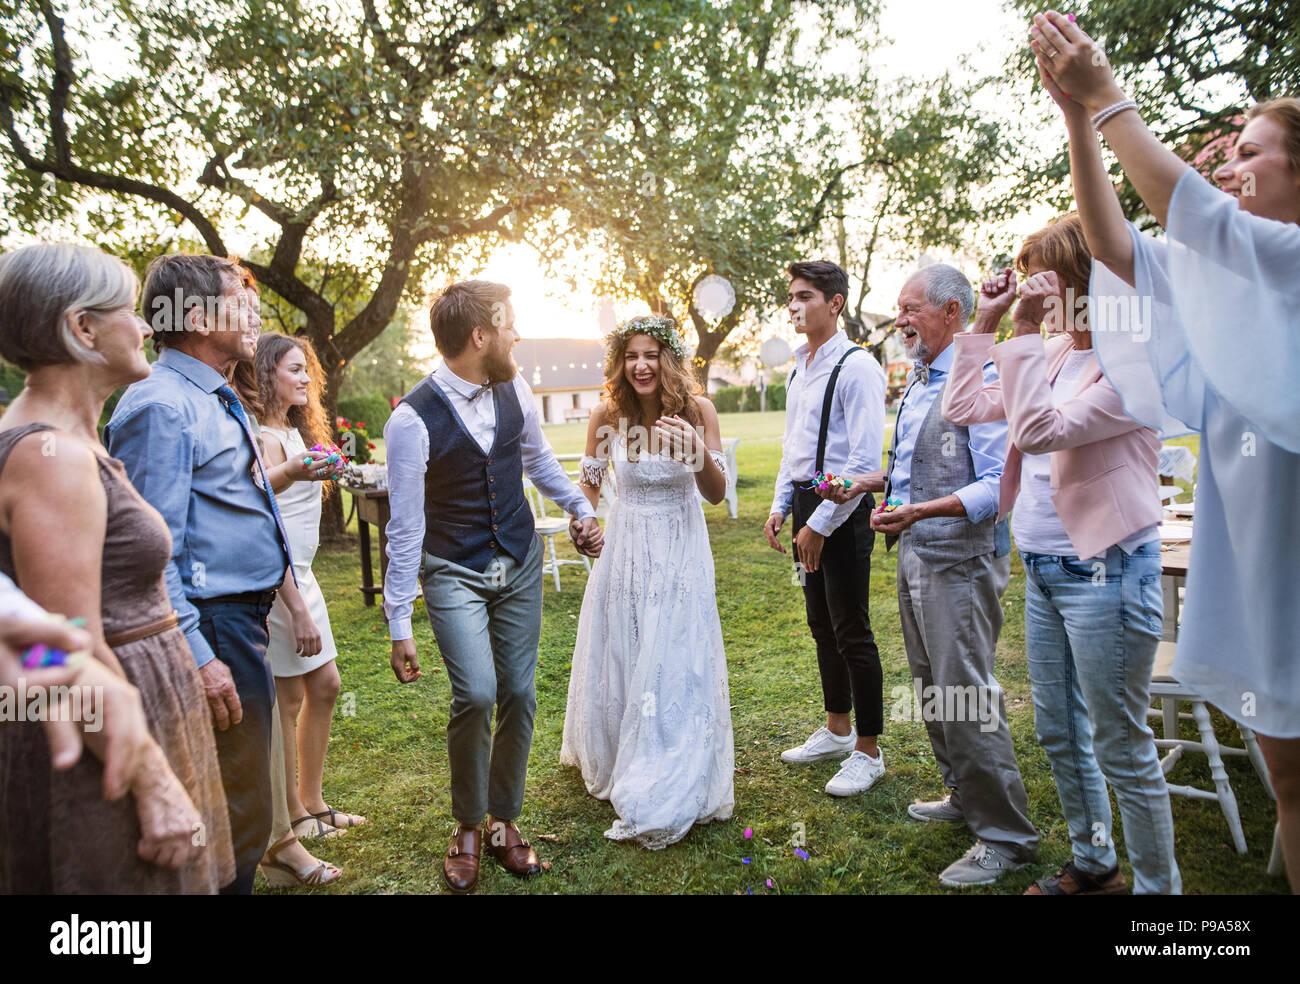 Braut Brautigam Und Gaste Bei Der Hochzeitsfeier Draussen Im